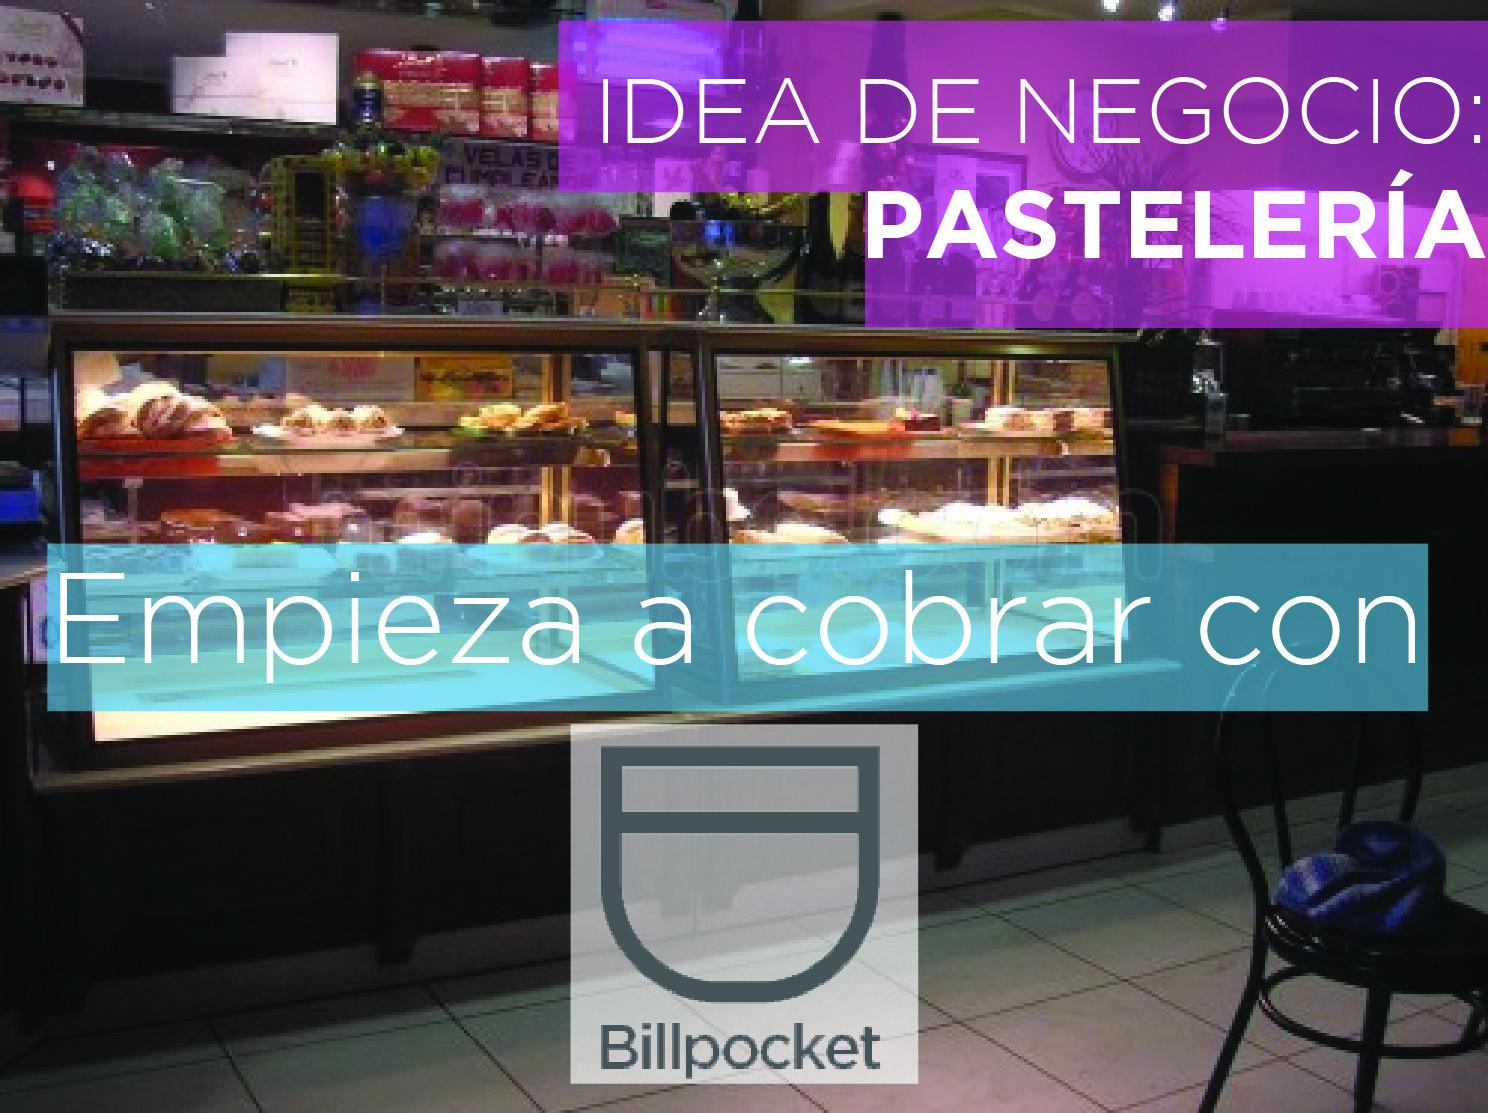 Idea de Negocio Pastelería Empieza a cobrar con